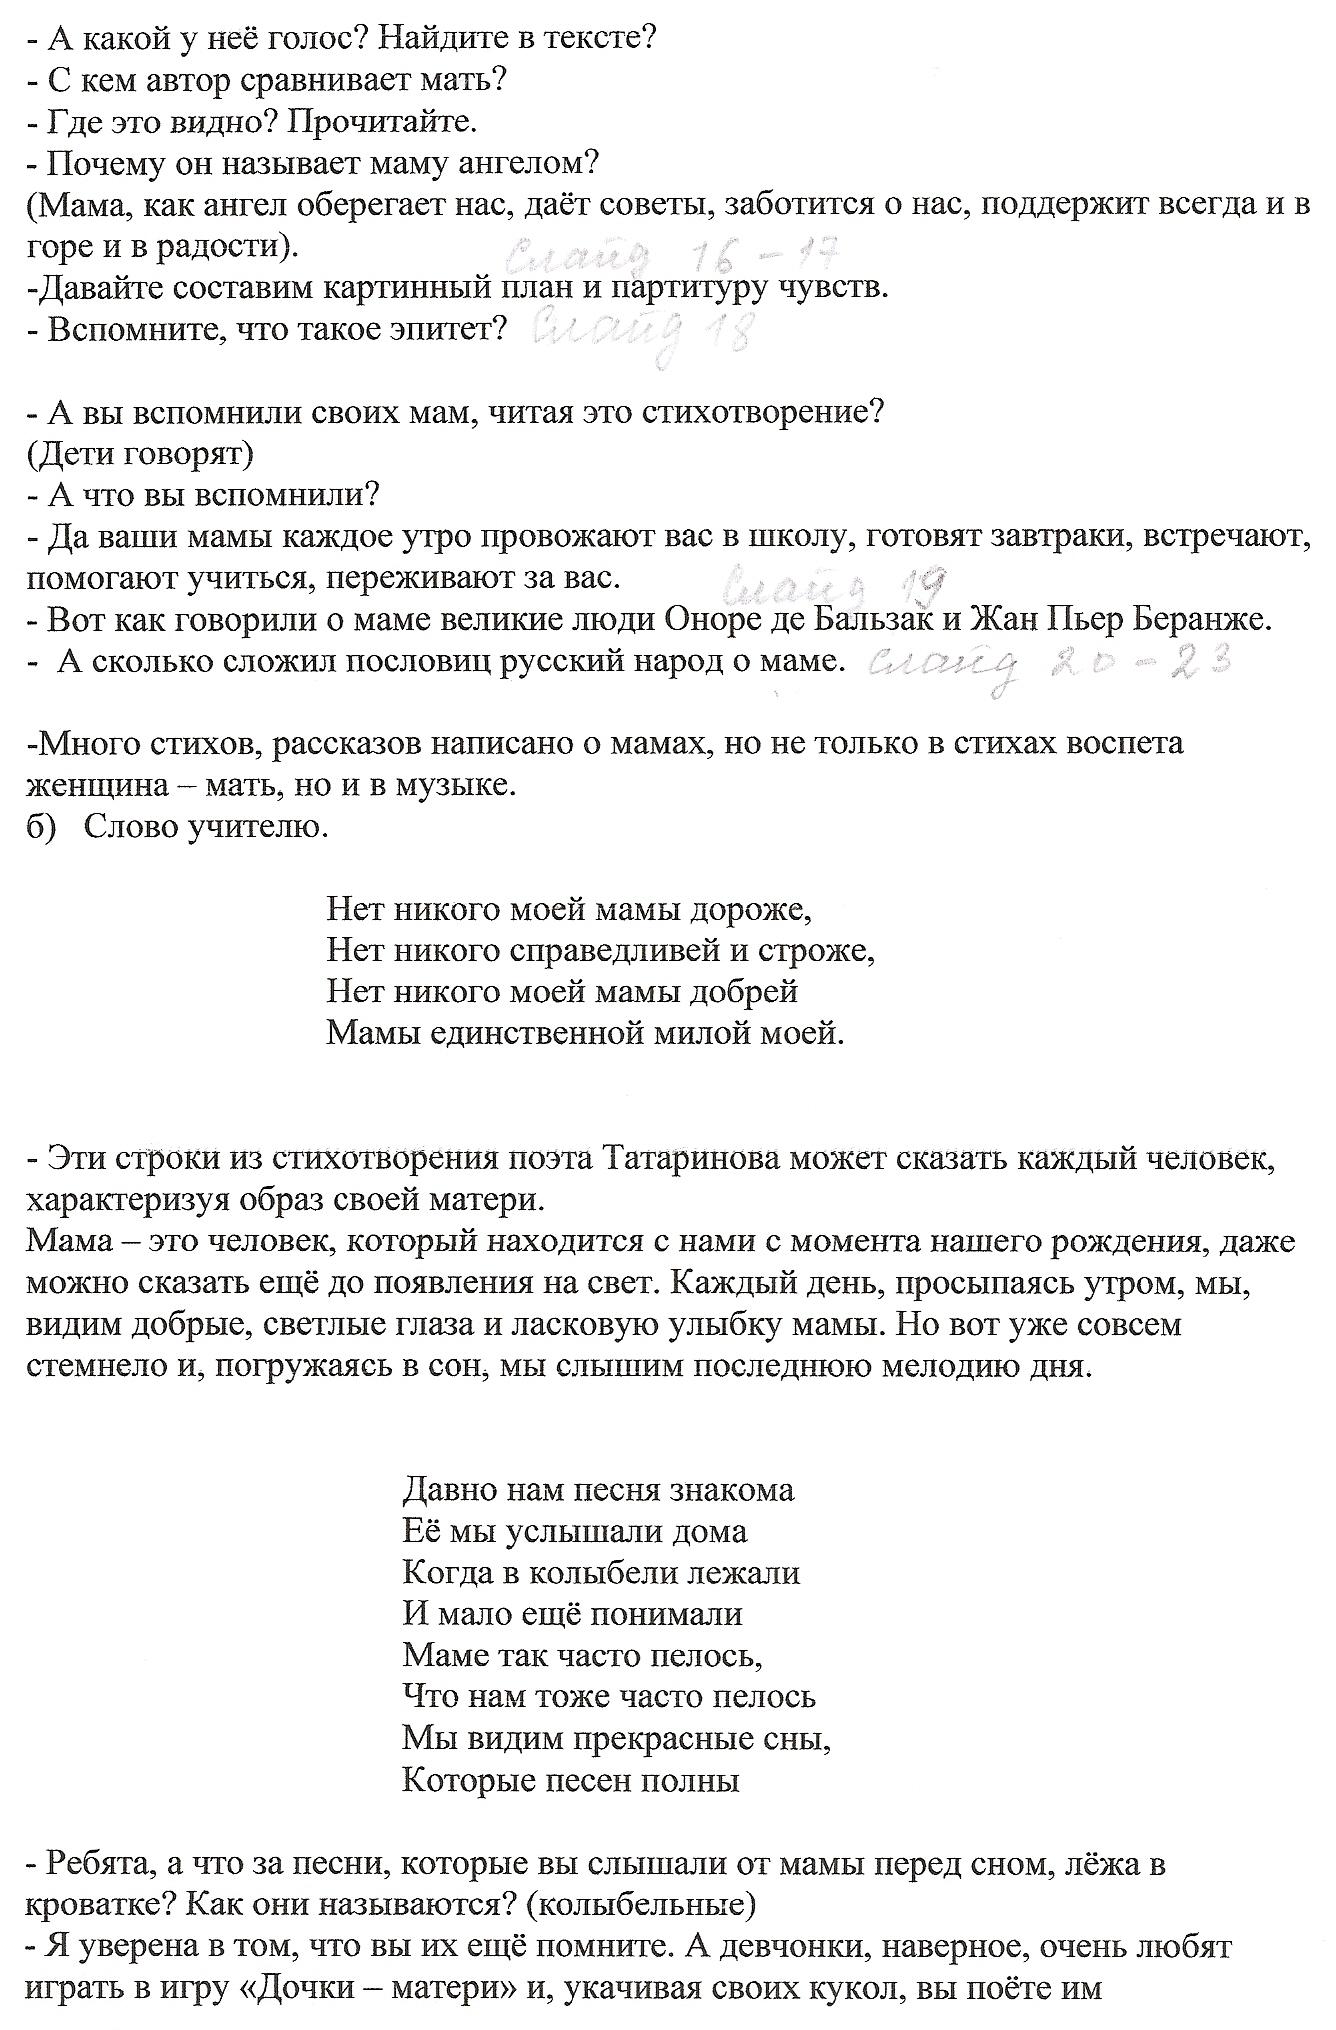 C:\Users\Сергей\Pictures\Мои сканированные изображения\сканирование0046.jpg